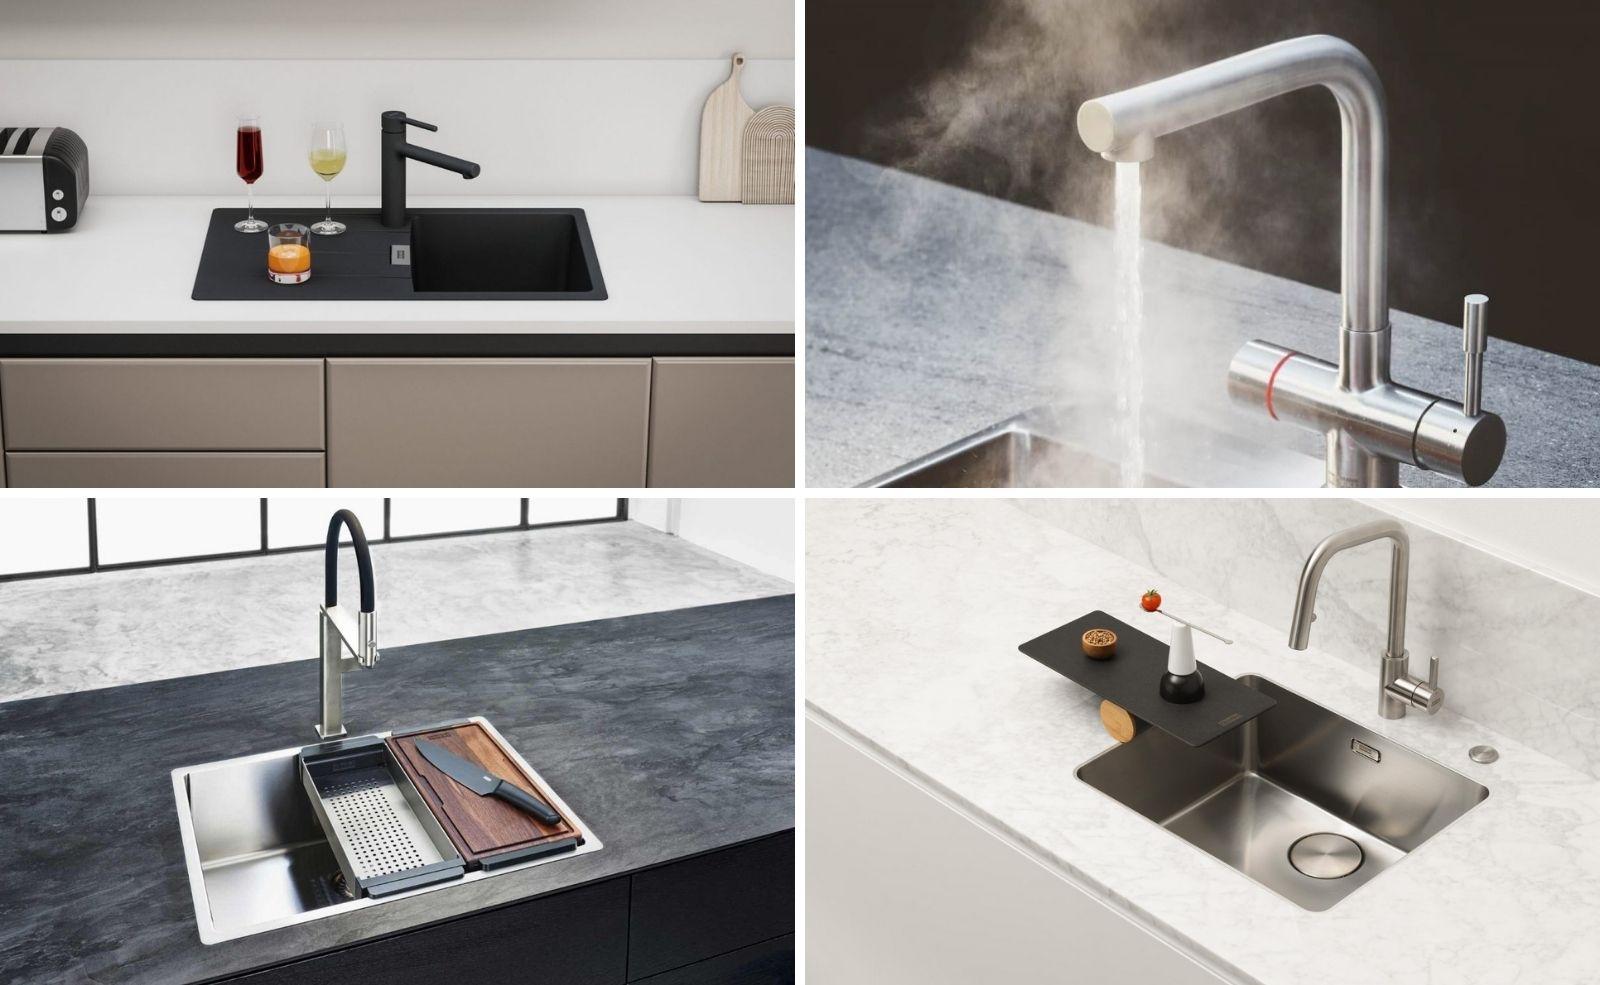 Küchentrends 2021: Innovative Spülen & Armaturen Ideen von Franke